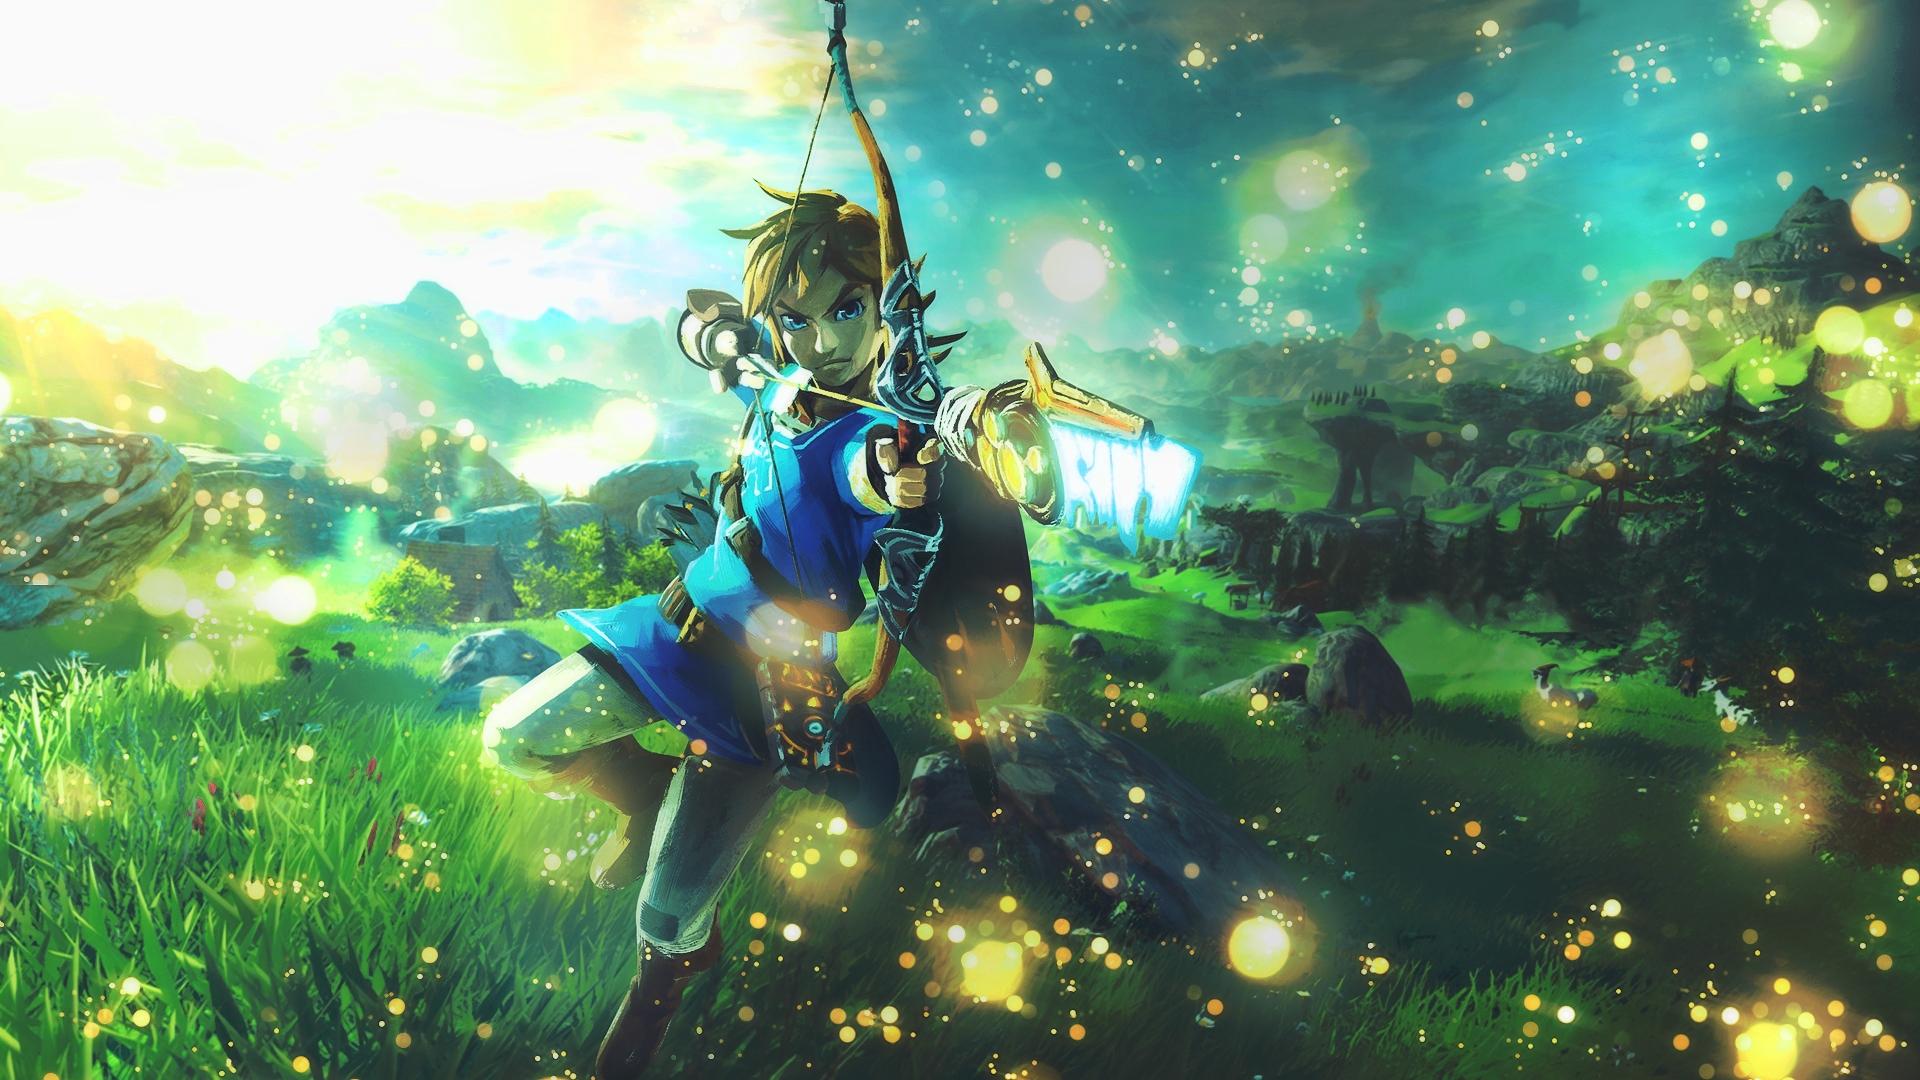 Zelda Breath Of The Wild Hd Wallpaper Zelda Breath Of The Wild